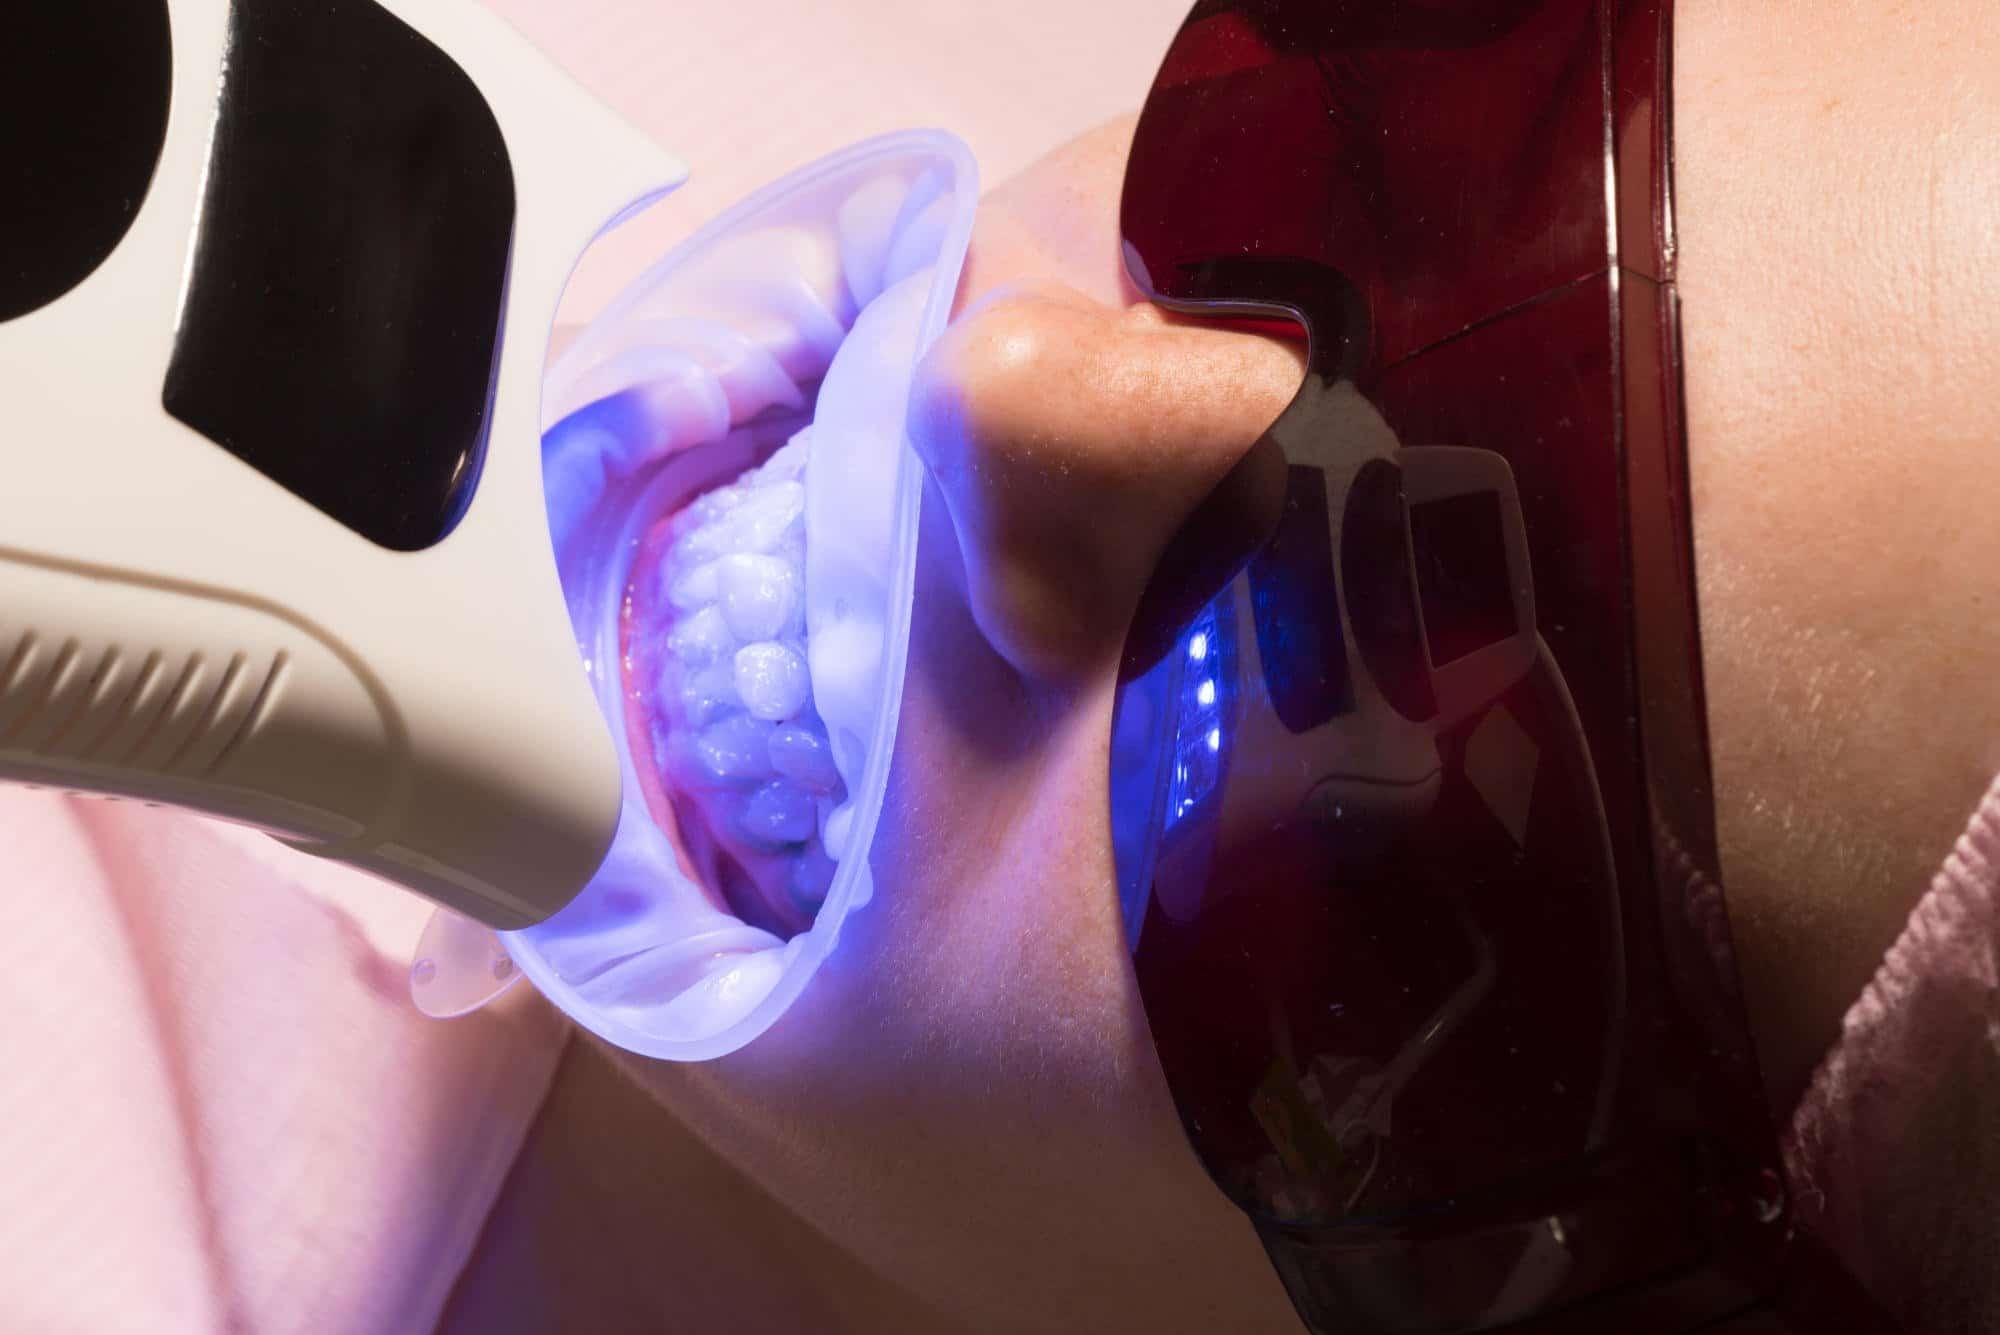 Професионално кабинетно избелване на зъби в дентална клиника Impression Dent. Най-добри цени